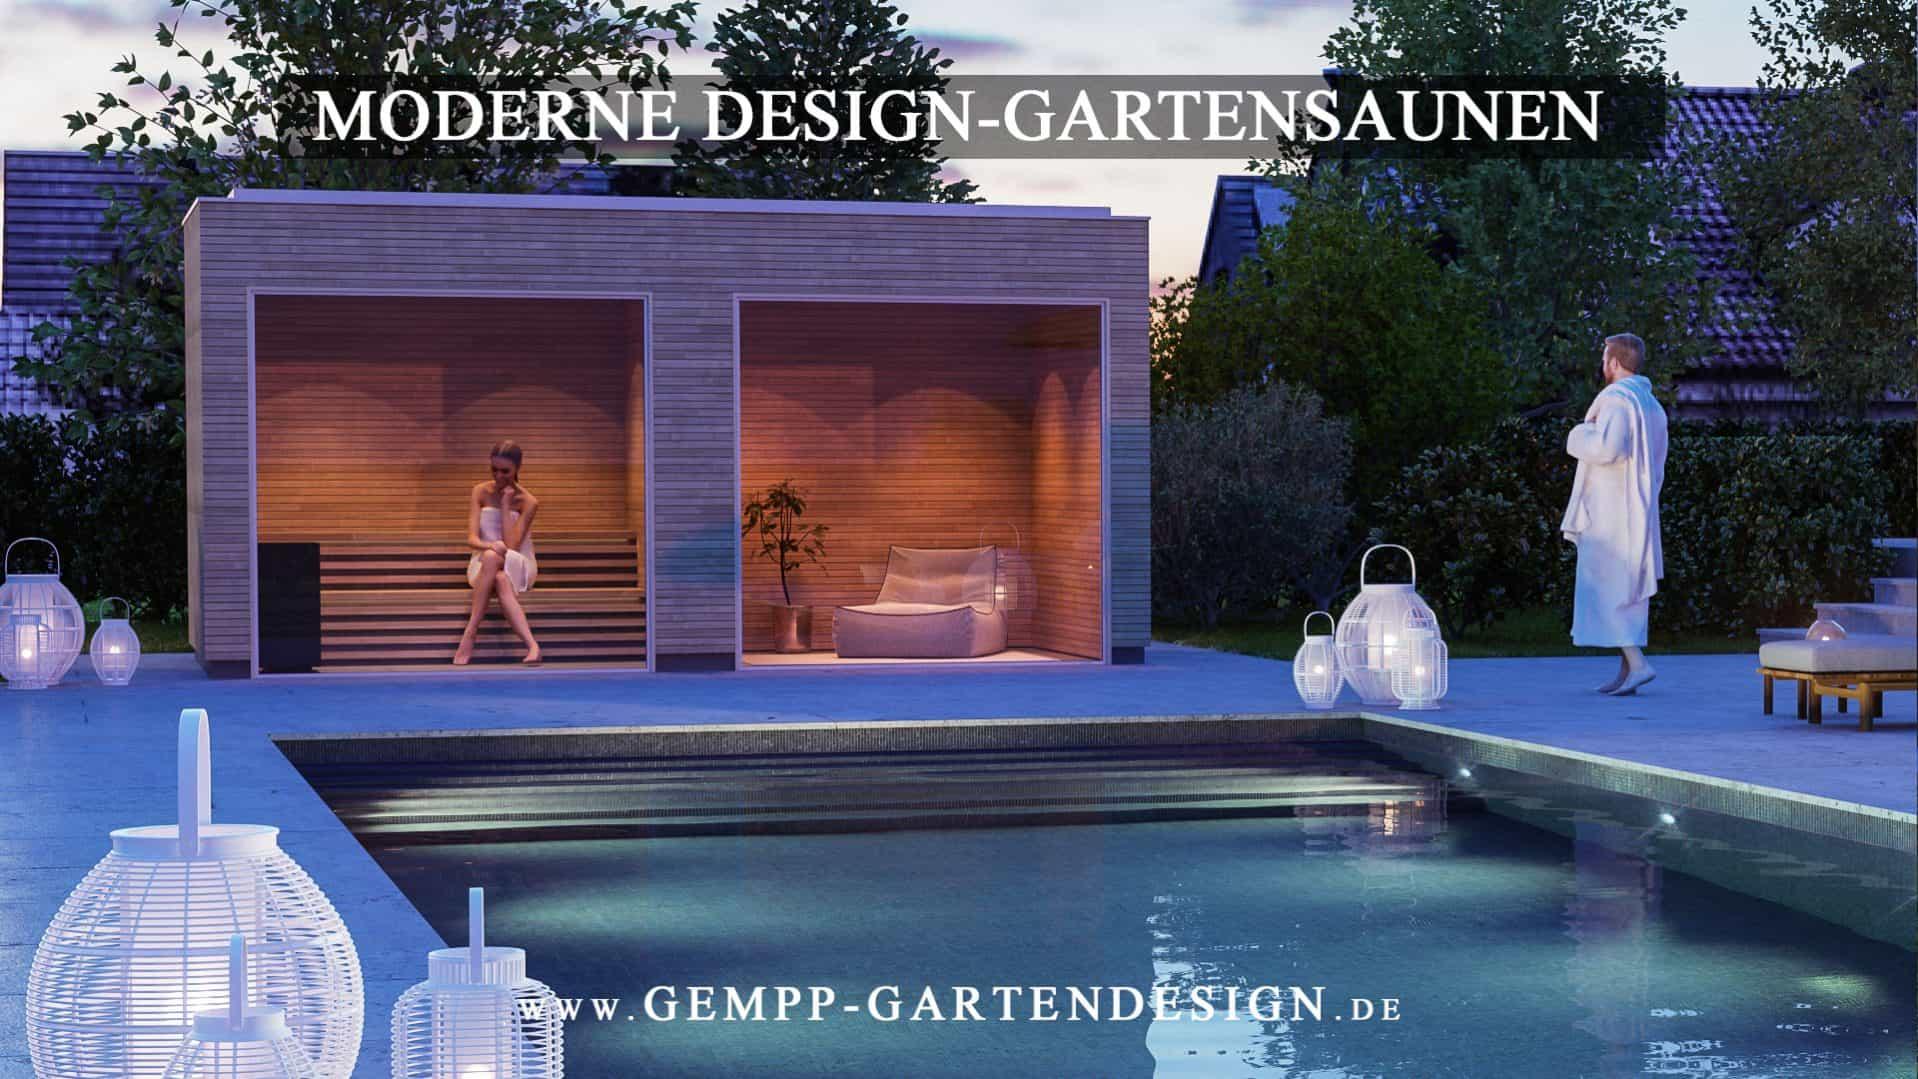 Gartensauna Aussensauna Gempp Gartendesign